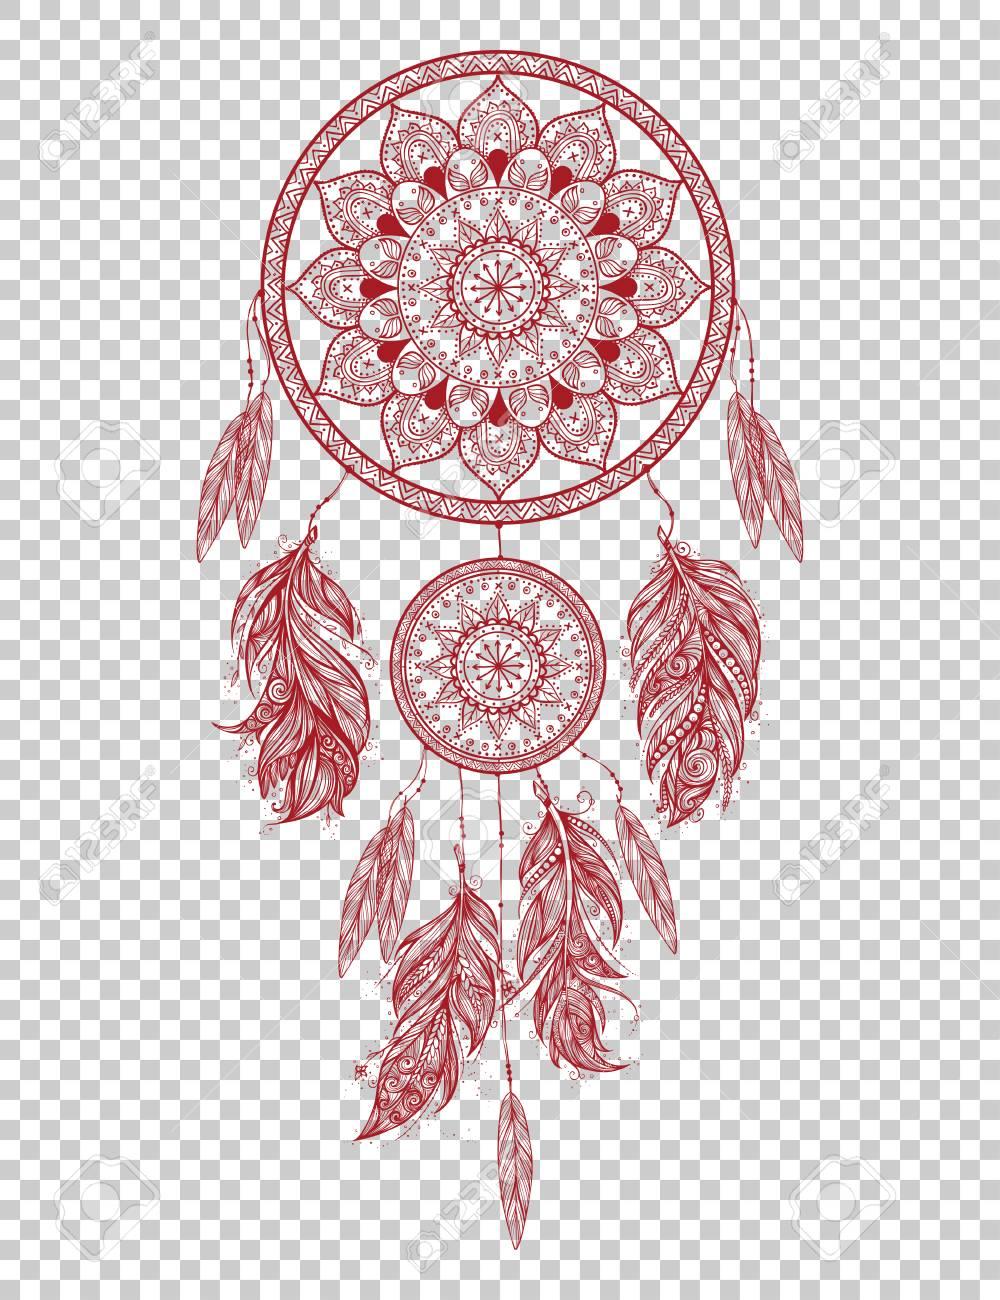 Kleurplaten Indianen Veren.Hand Getrokken Indiaanse Talisman Dreamcatcher Met Veren Vector Hipster Illustratie Geisoleerd